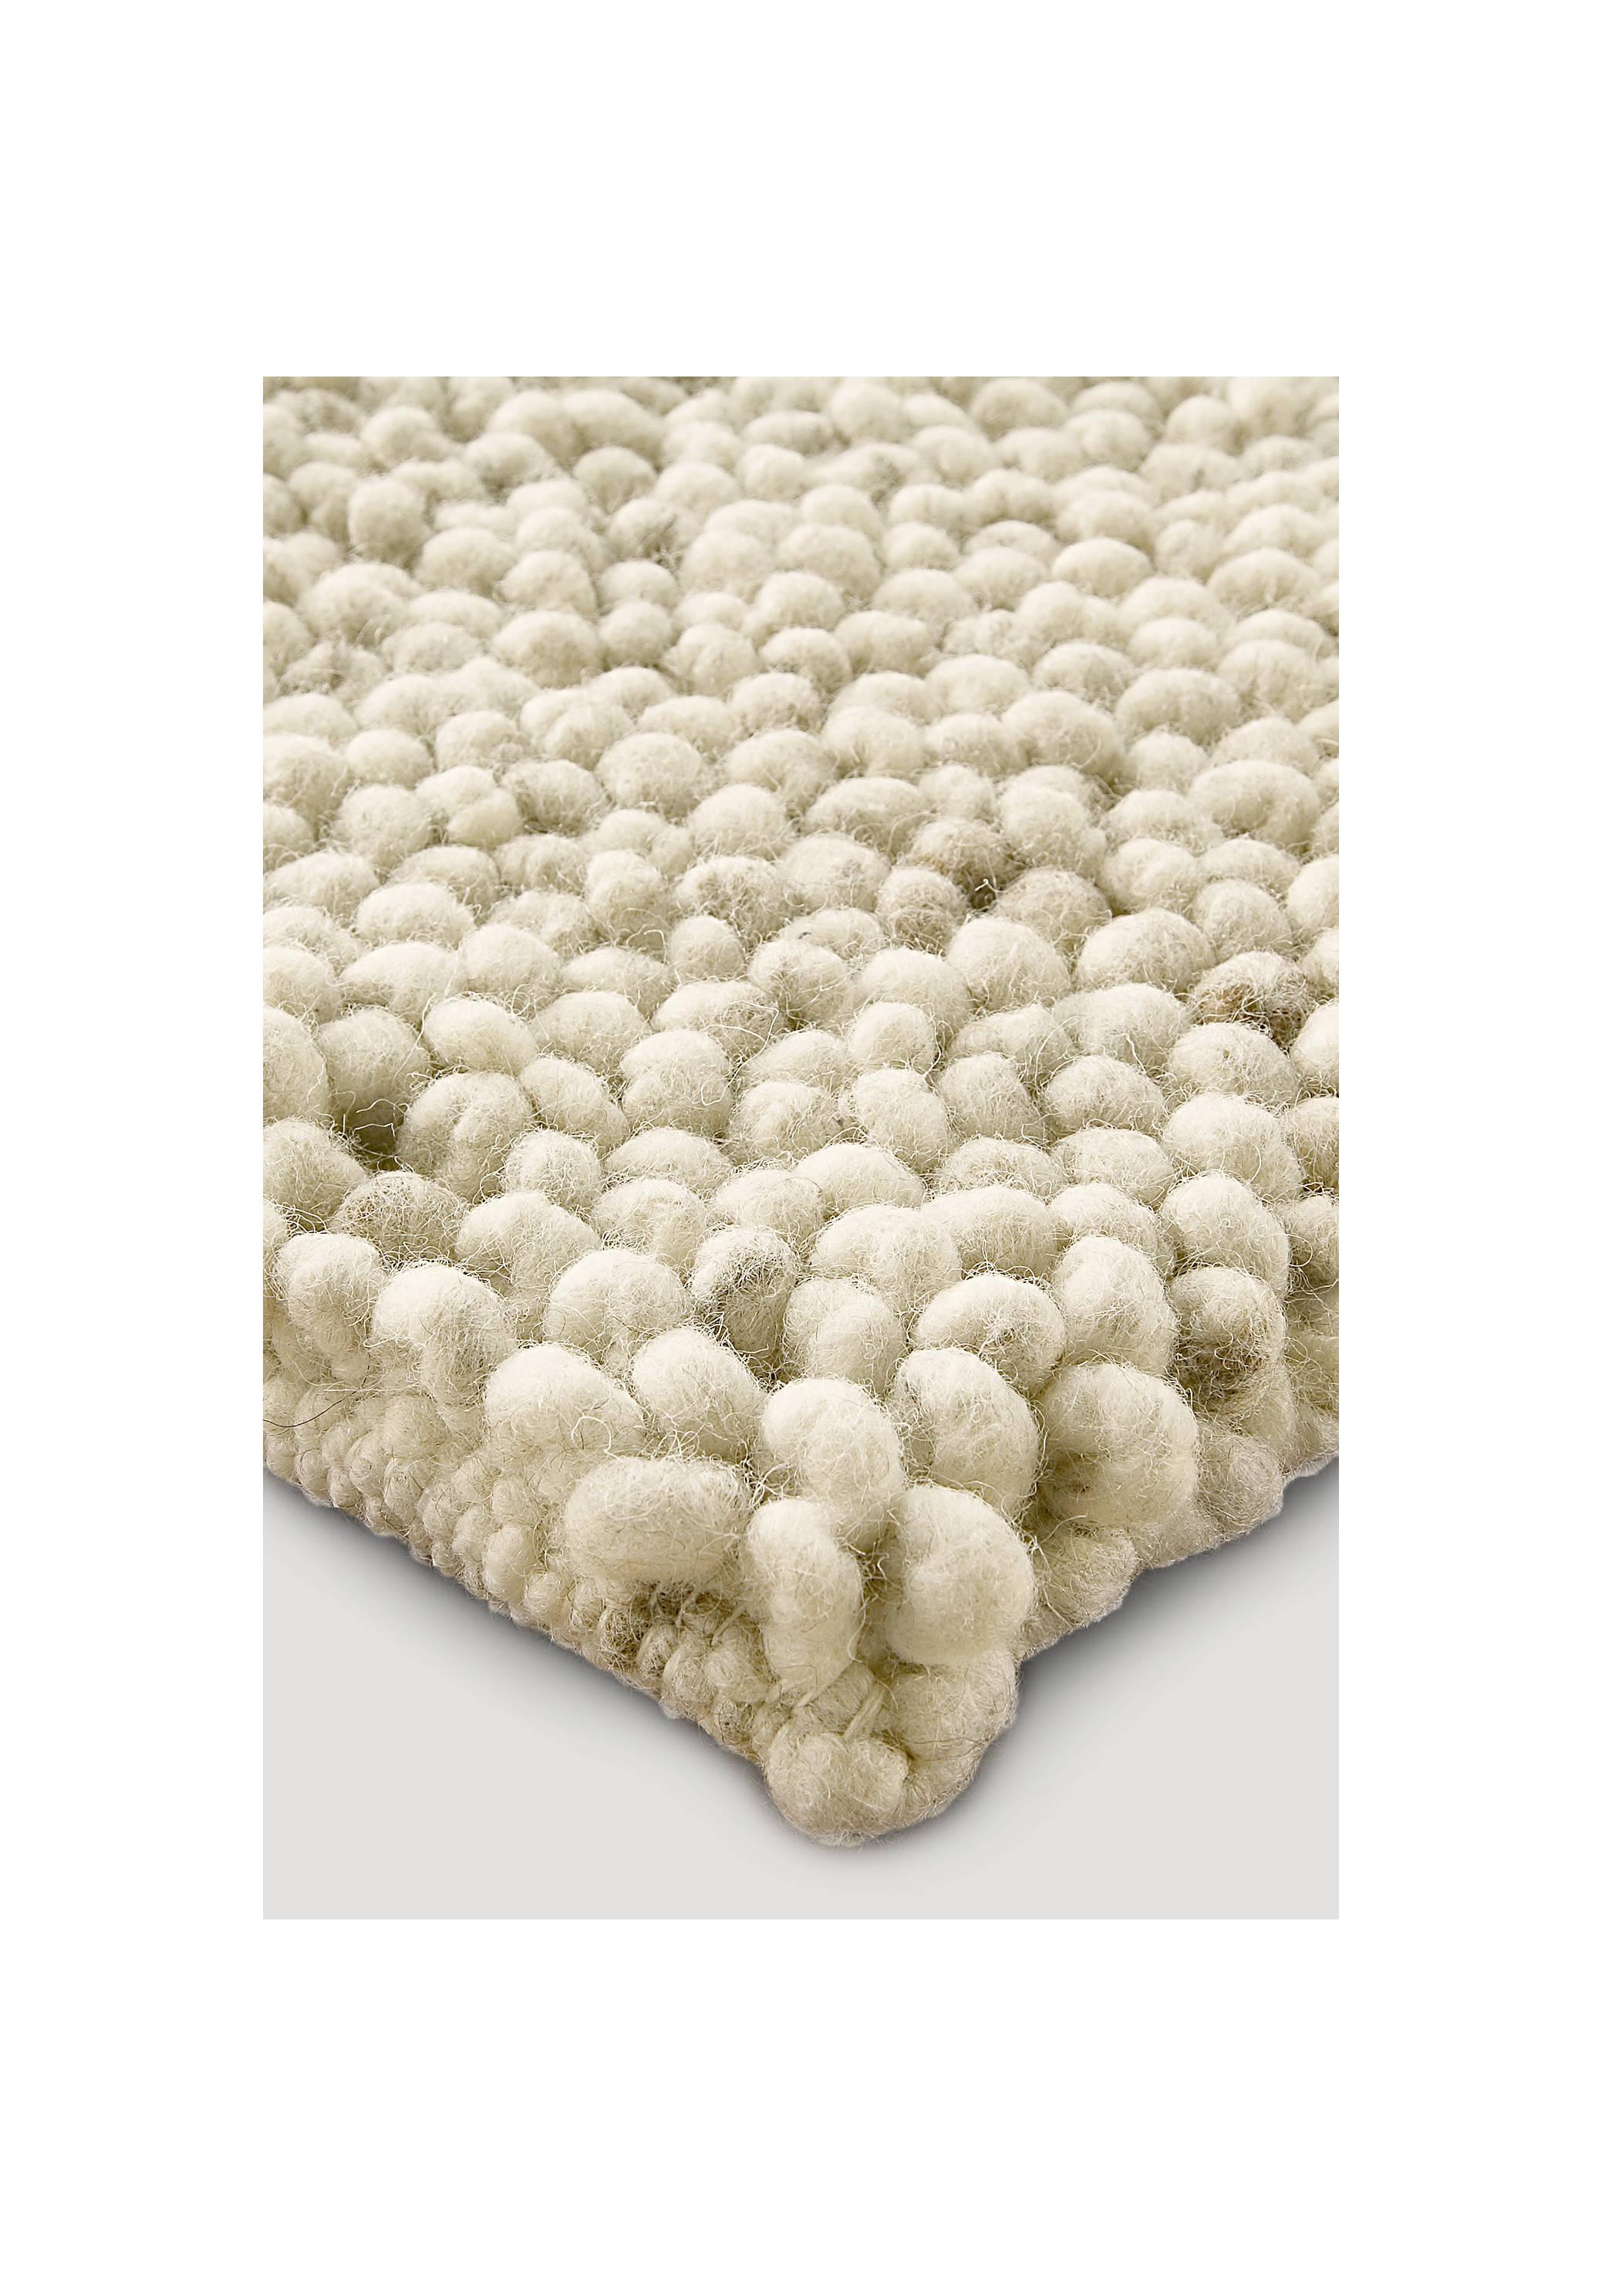 Teppich schurwolle  Schlingen-Teppich Rhönschaf aus reiner Schurwolle - hessnatur ...